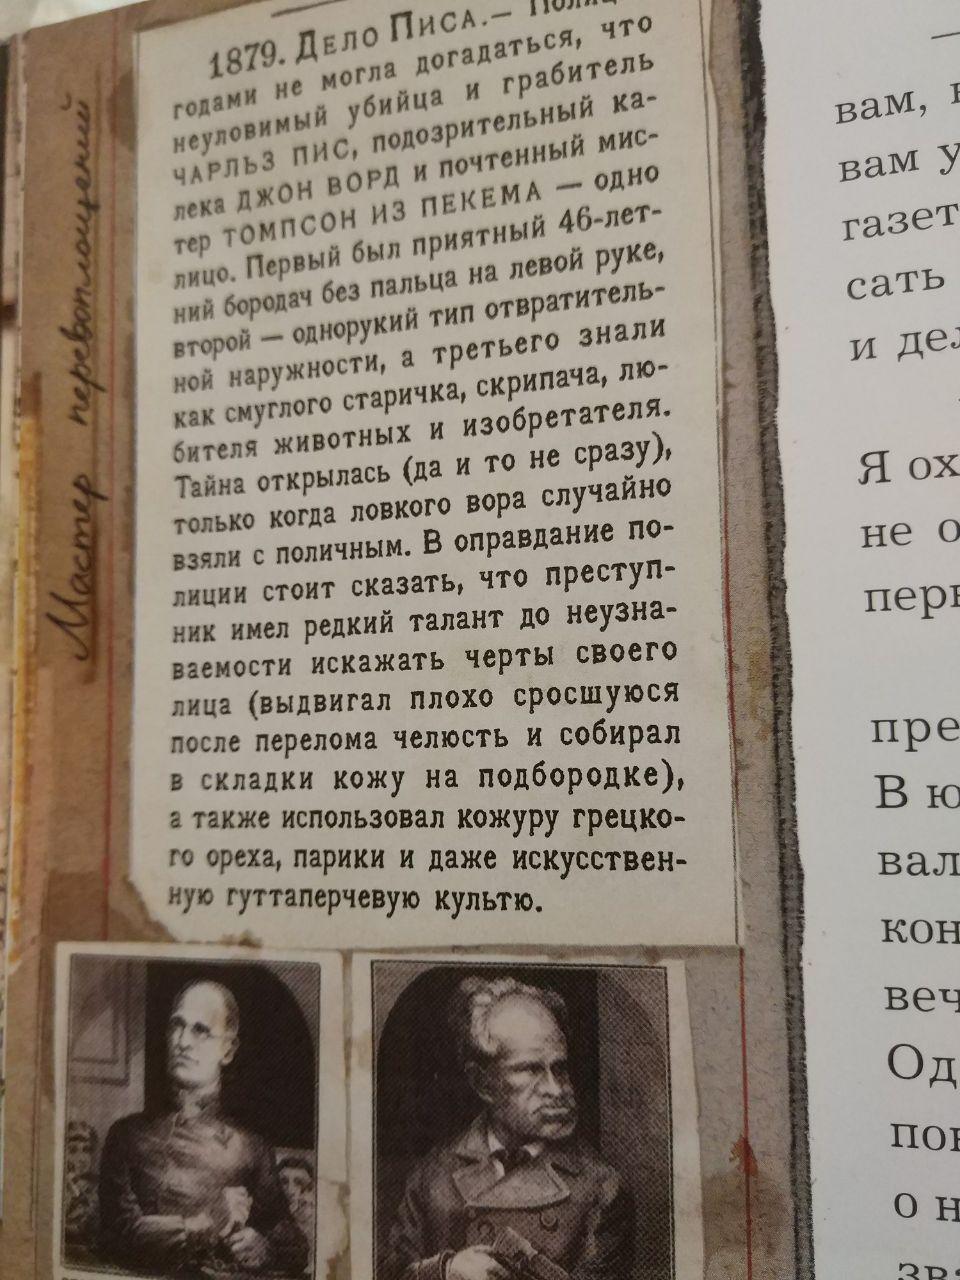 http://s8.uploads.ru/968pZ.jpg